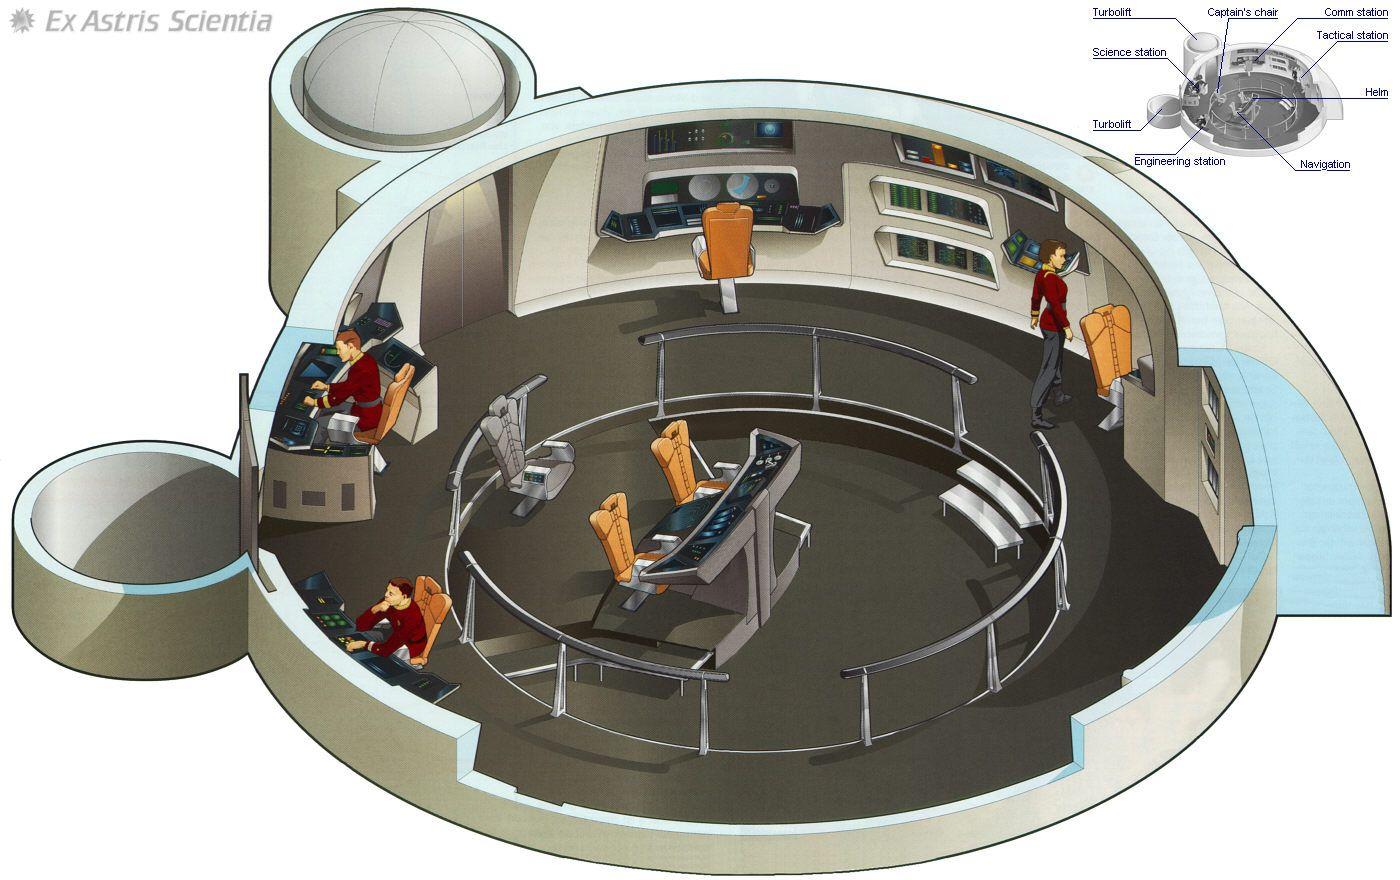 Bridge schematic of tos u s s enterprise ncc 1701 for Wohnung star trek design